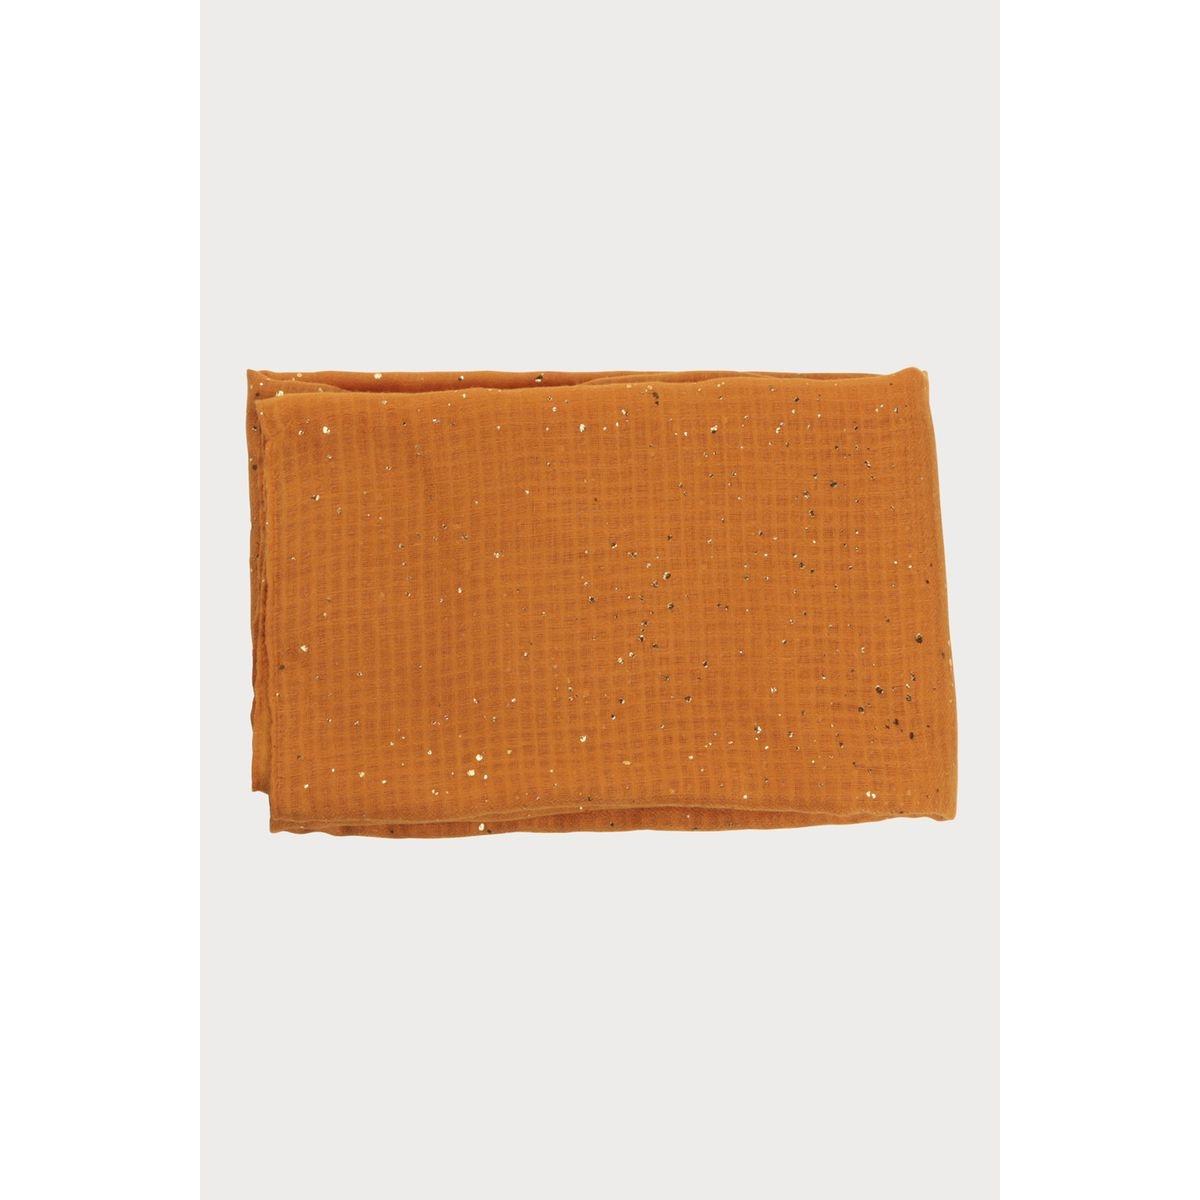 Foulard détails dorés